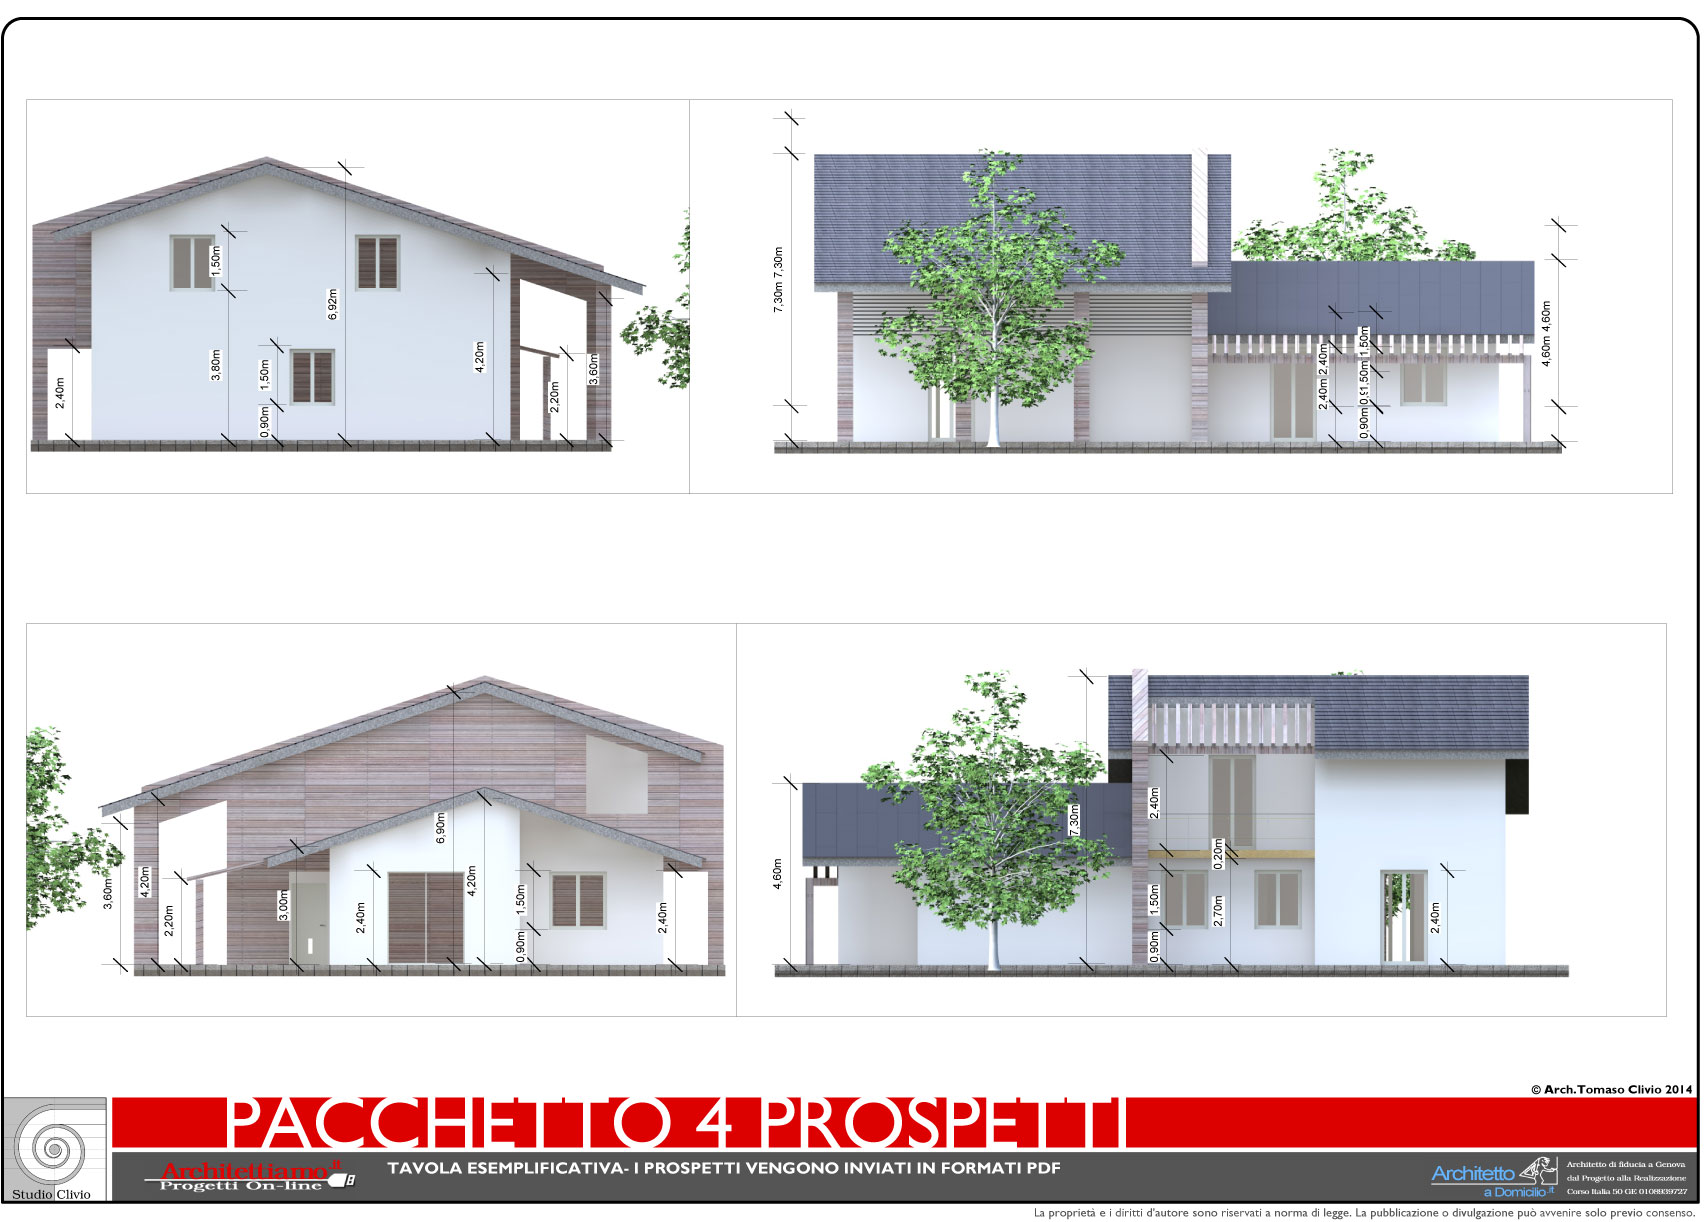 Esempi di disegni e progetti di costruzione - Tavola valdese progetti approvati 2015 ...